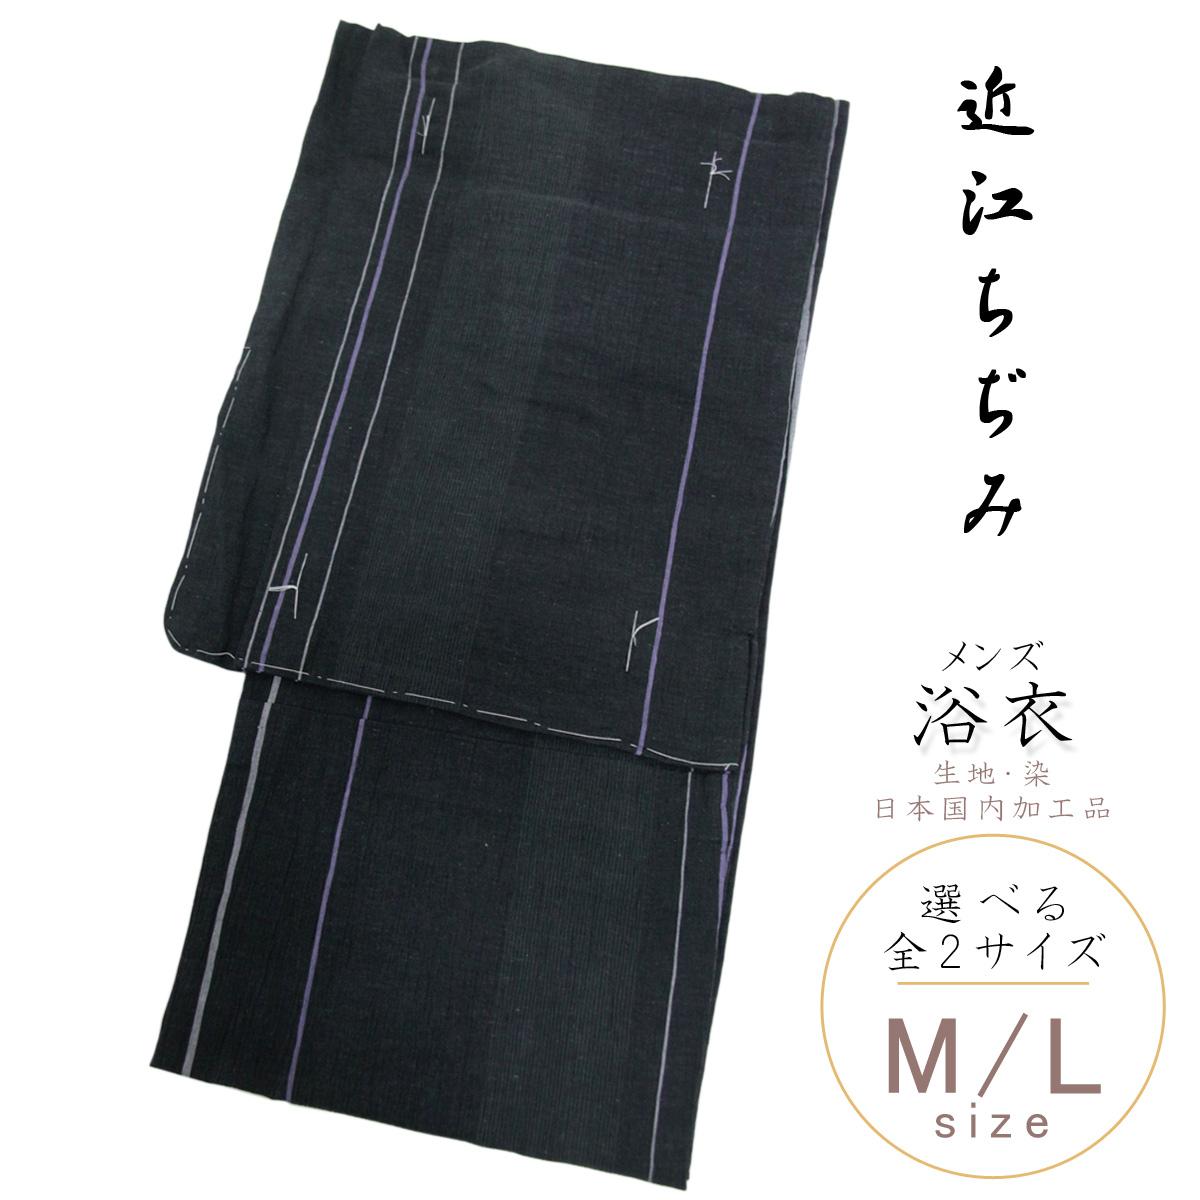 浴衣 メンズ -12- 近江ちぢみ 綿麻 Mサイズ Lサイズ 墨色 黒系